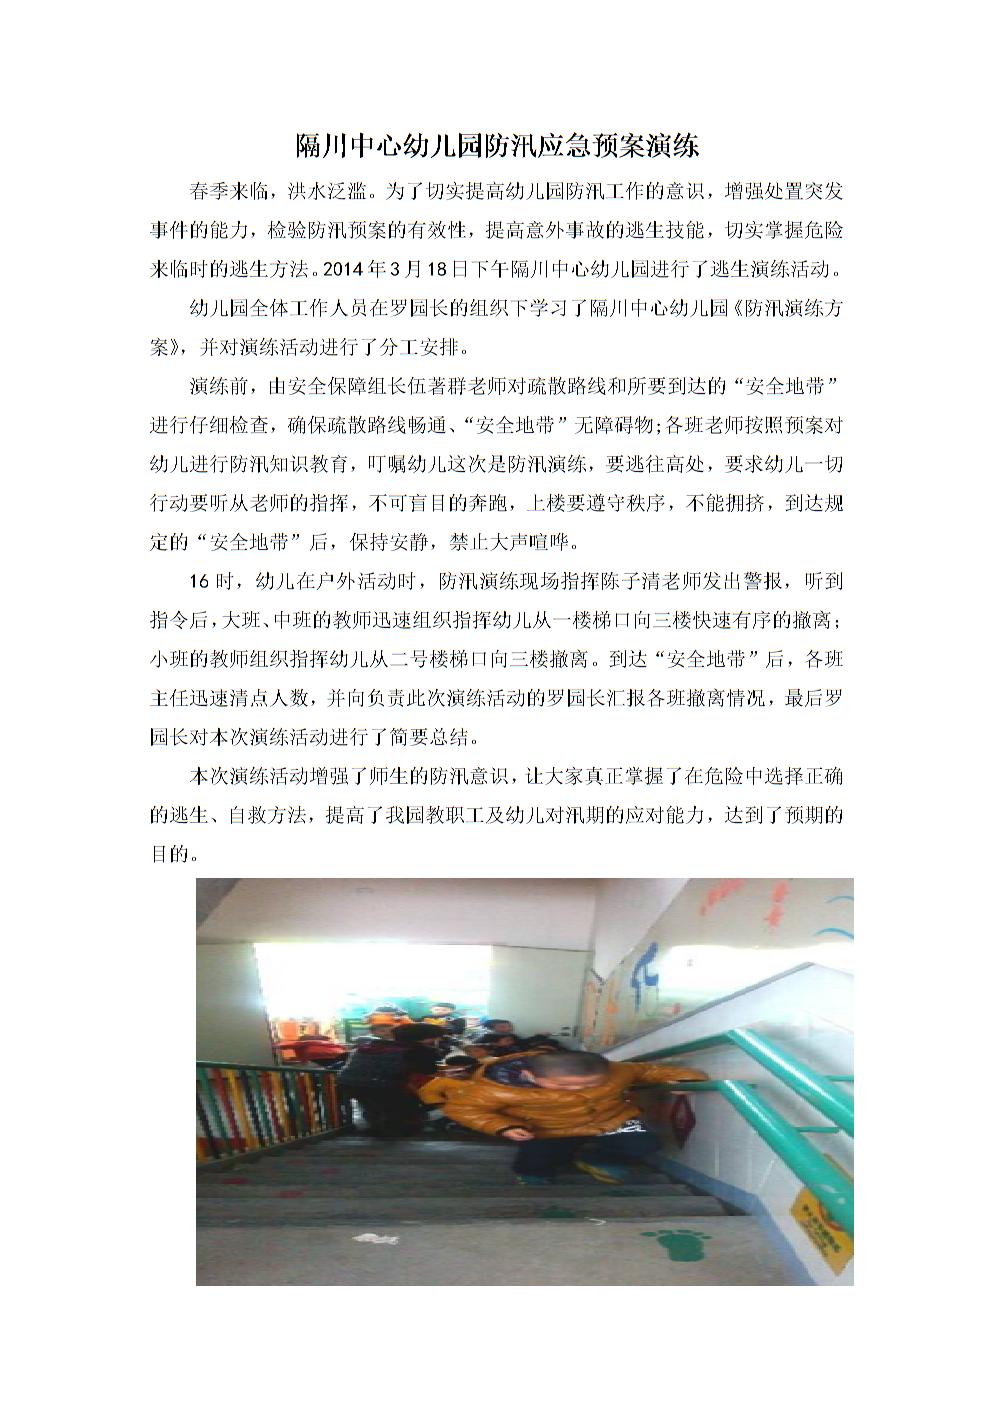 隔川中心幼儿园防汛应急预案演练.doc